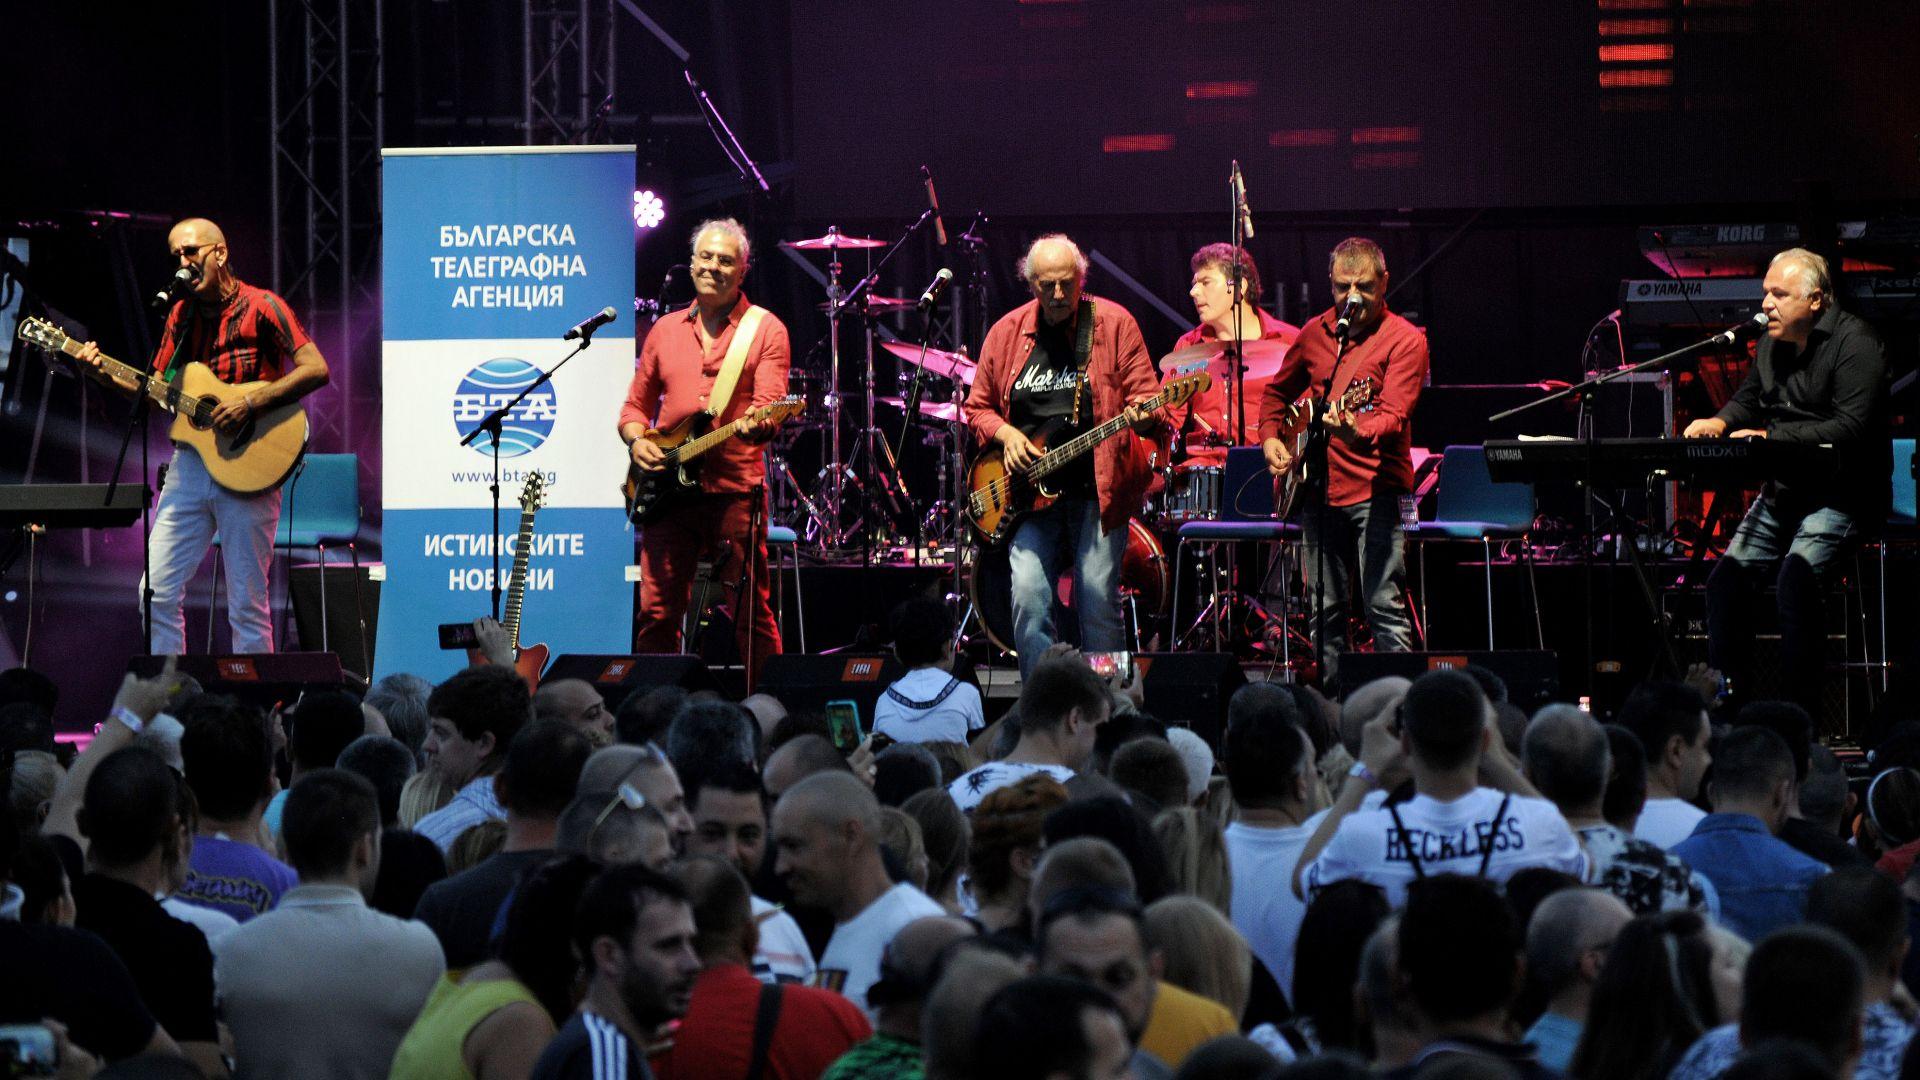 След дълга раздяла: Дони и Момчил пяха на една сцена в Бургас